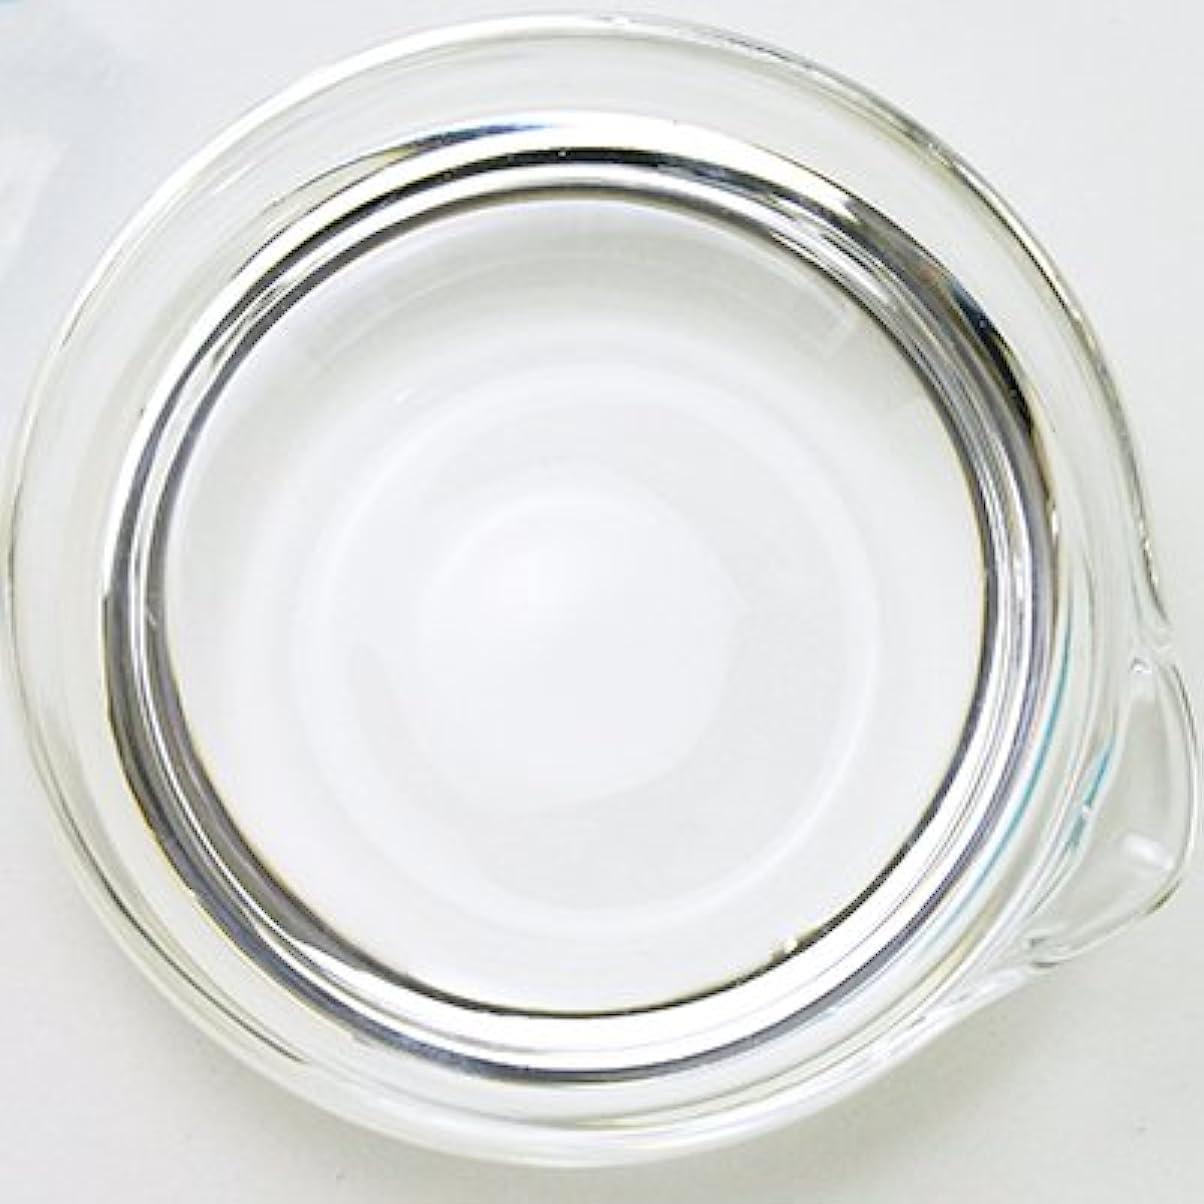 不良品不健康キャンドルホワイトオリーブオイル [吸着精製オリーブオイル] 1L 【手作り石鹸/手作りコスメ/ピュアオリーブオイル】